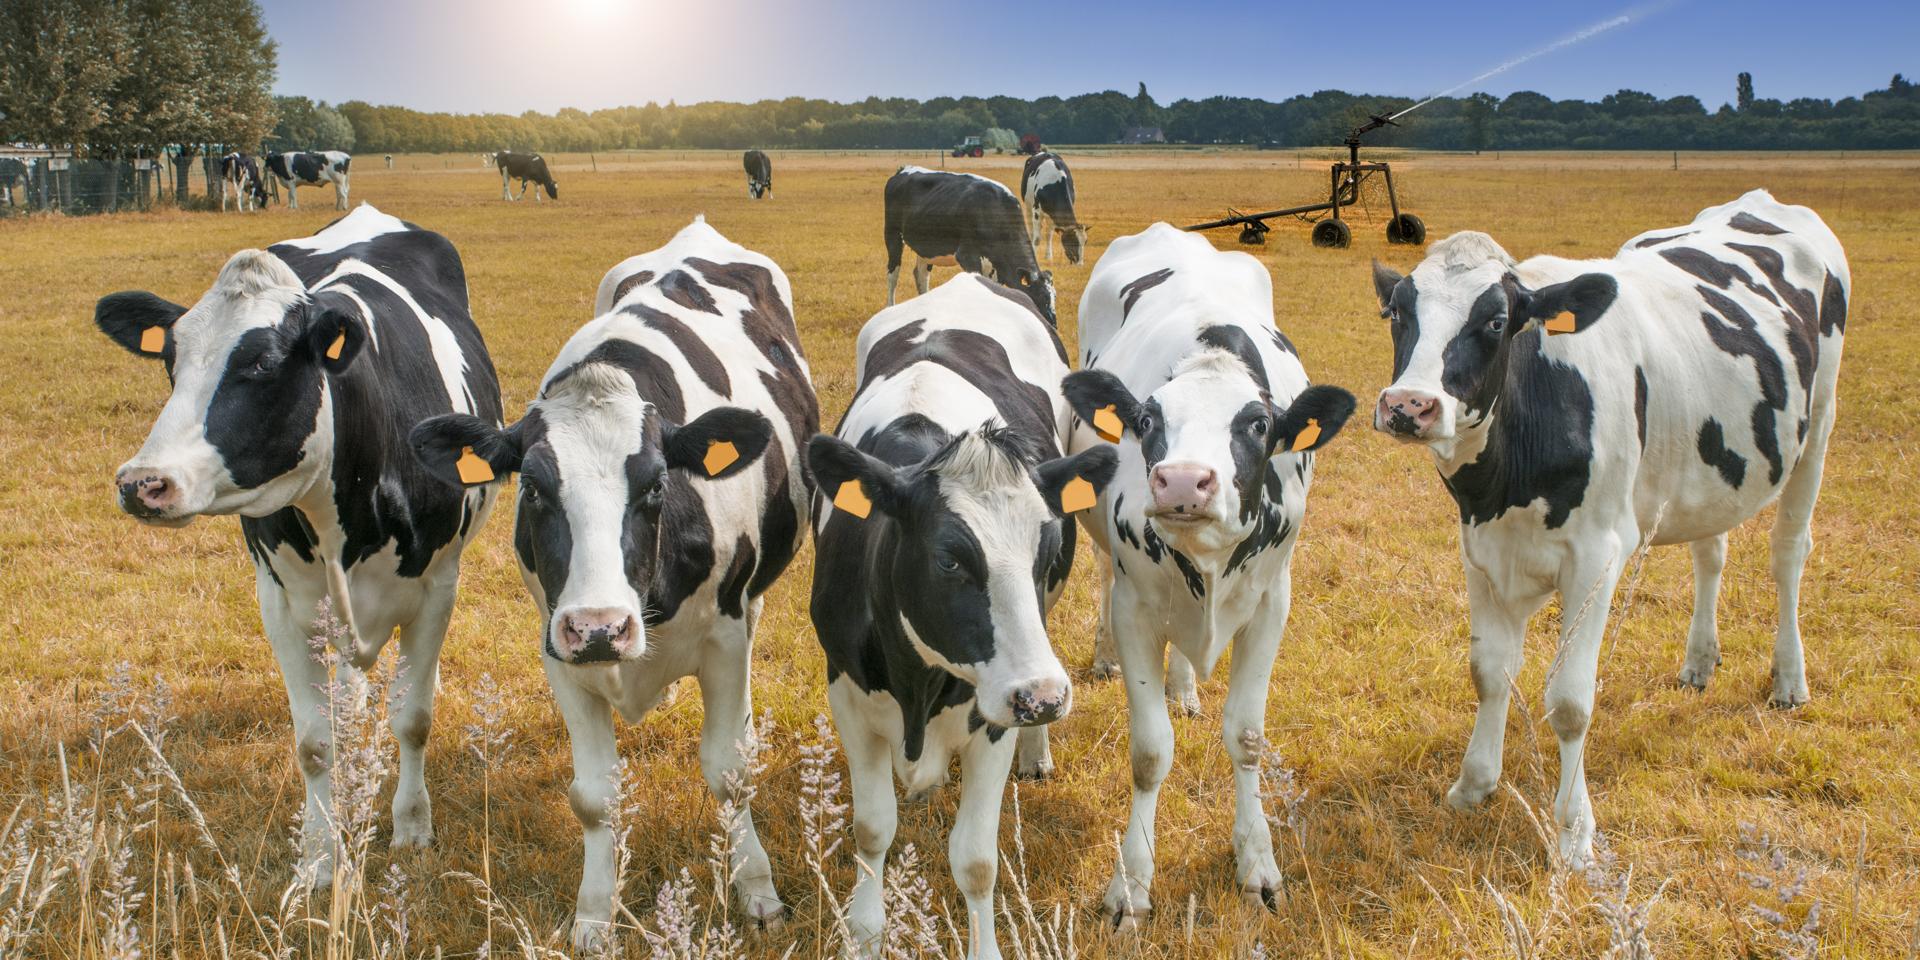 Cows waiting for farmers to begin creep feeding calves